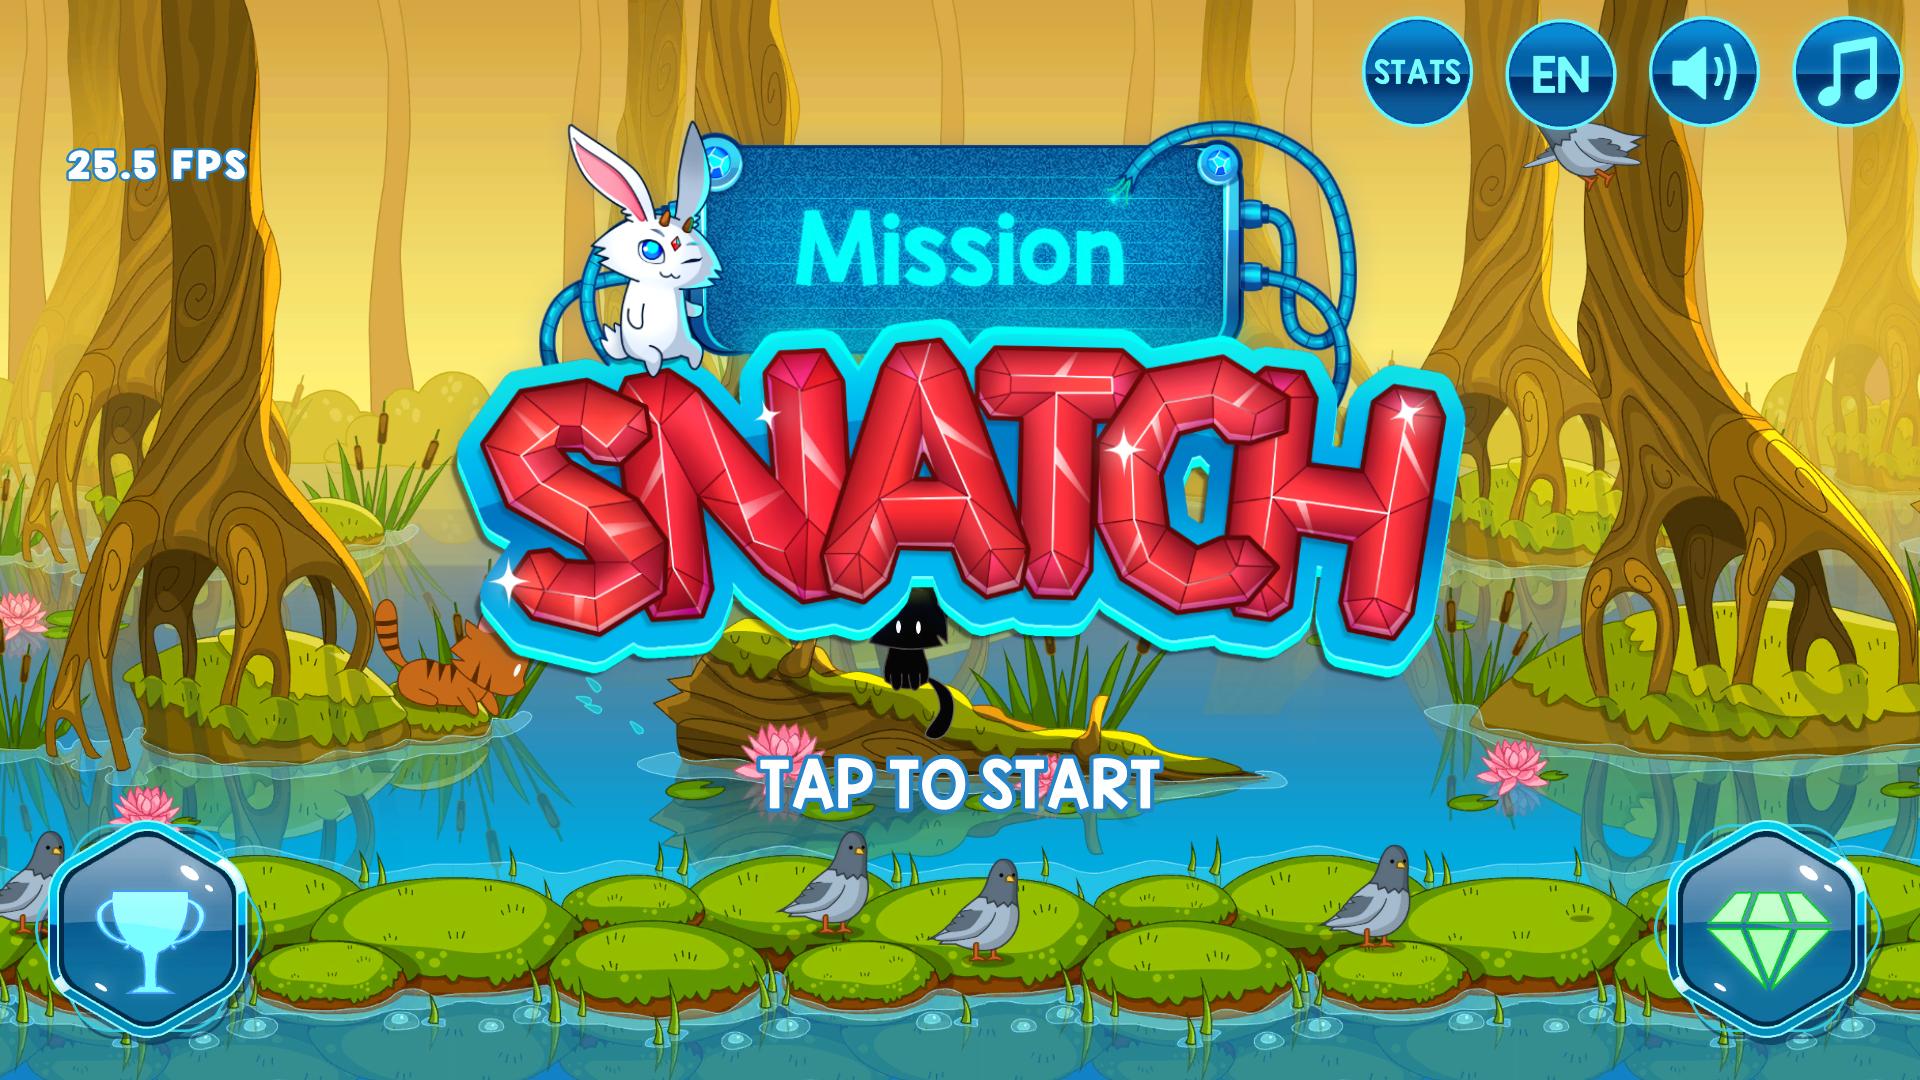 Mission Snatch